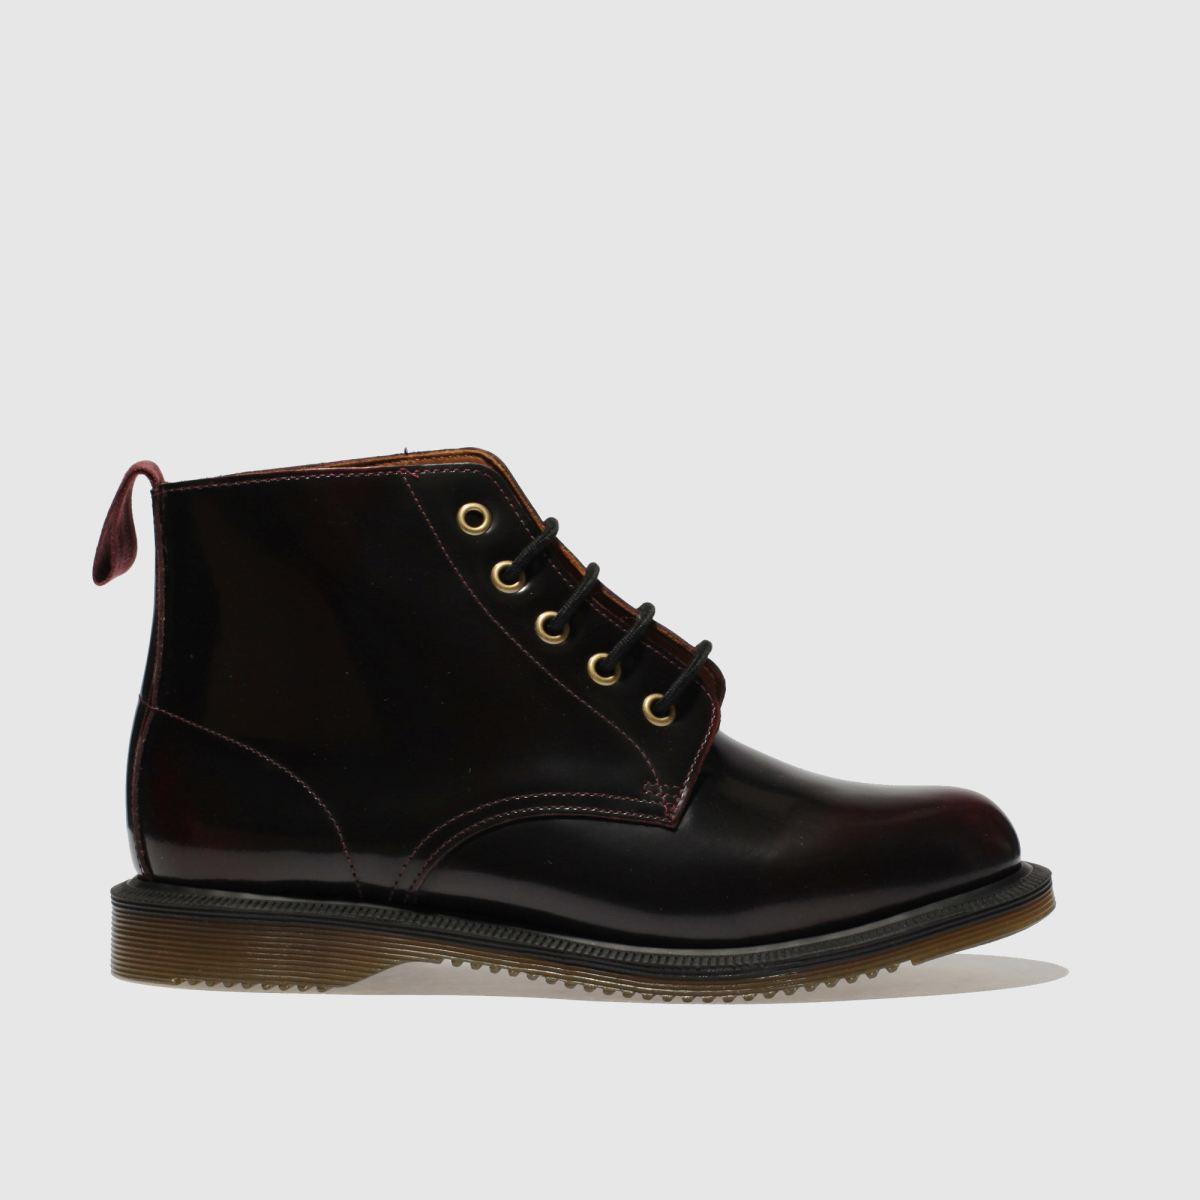 Dr Martens Burgundy Emmeline 5 Eye Boots